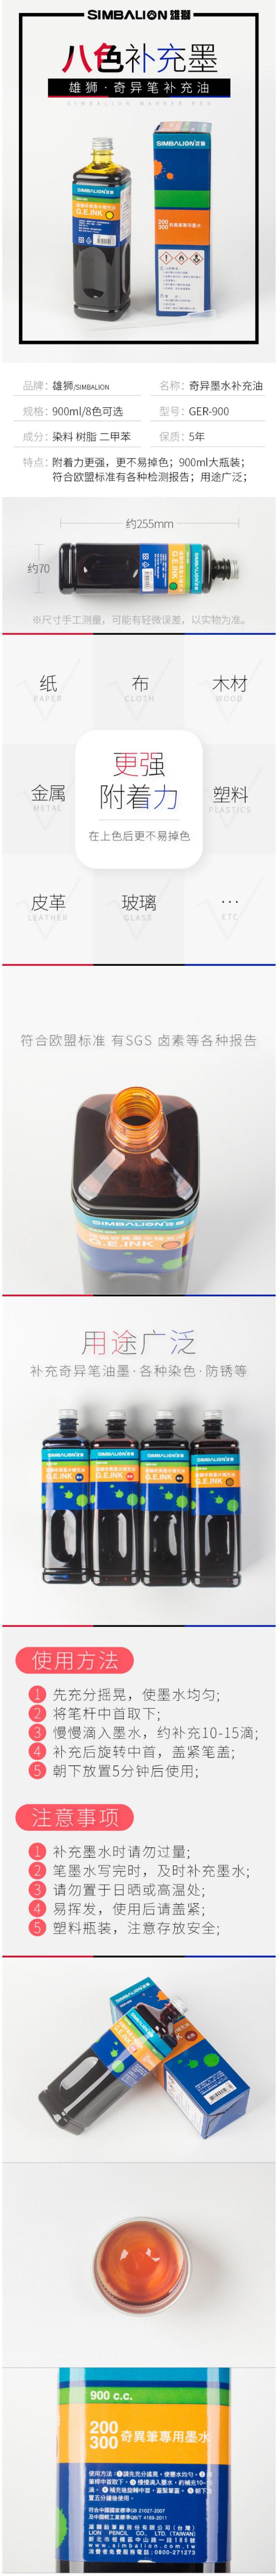 雄狮GER-900 奇异补充油(紫)详情页